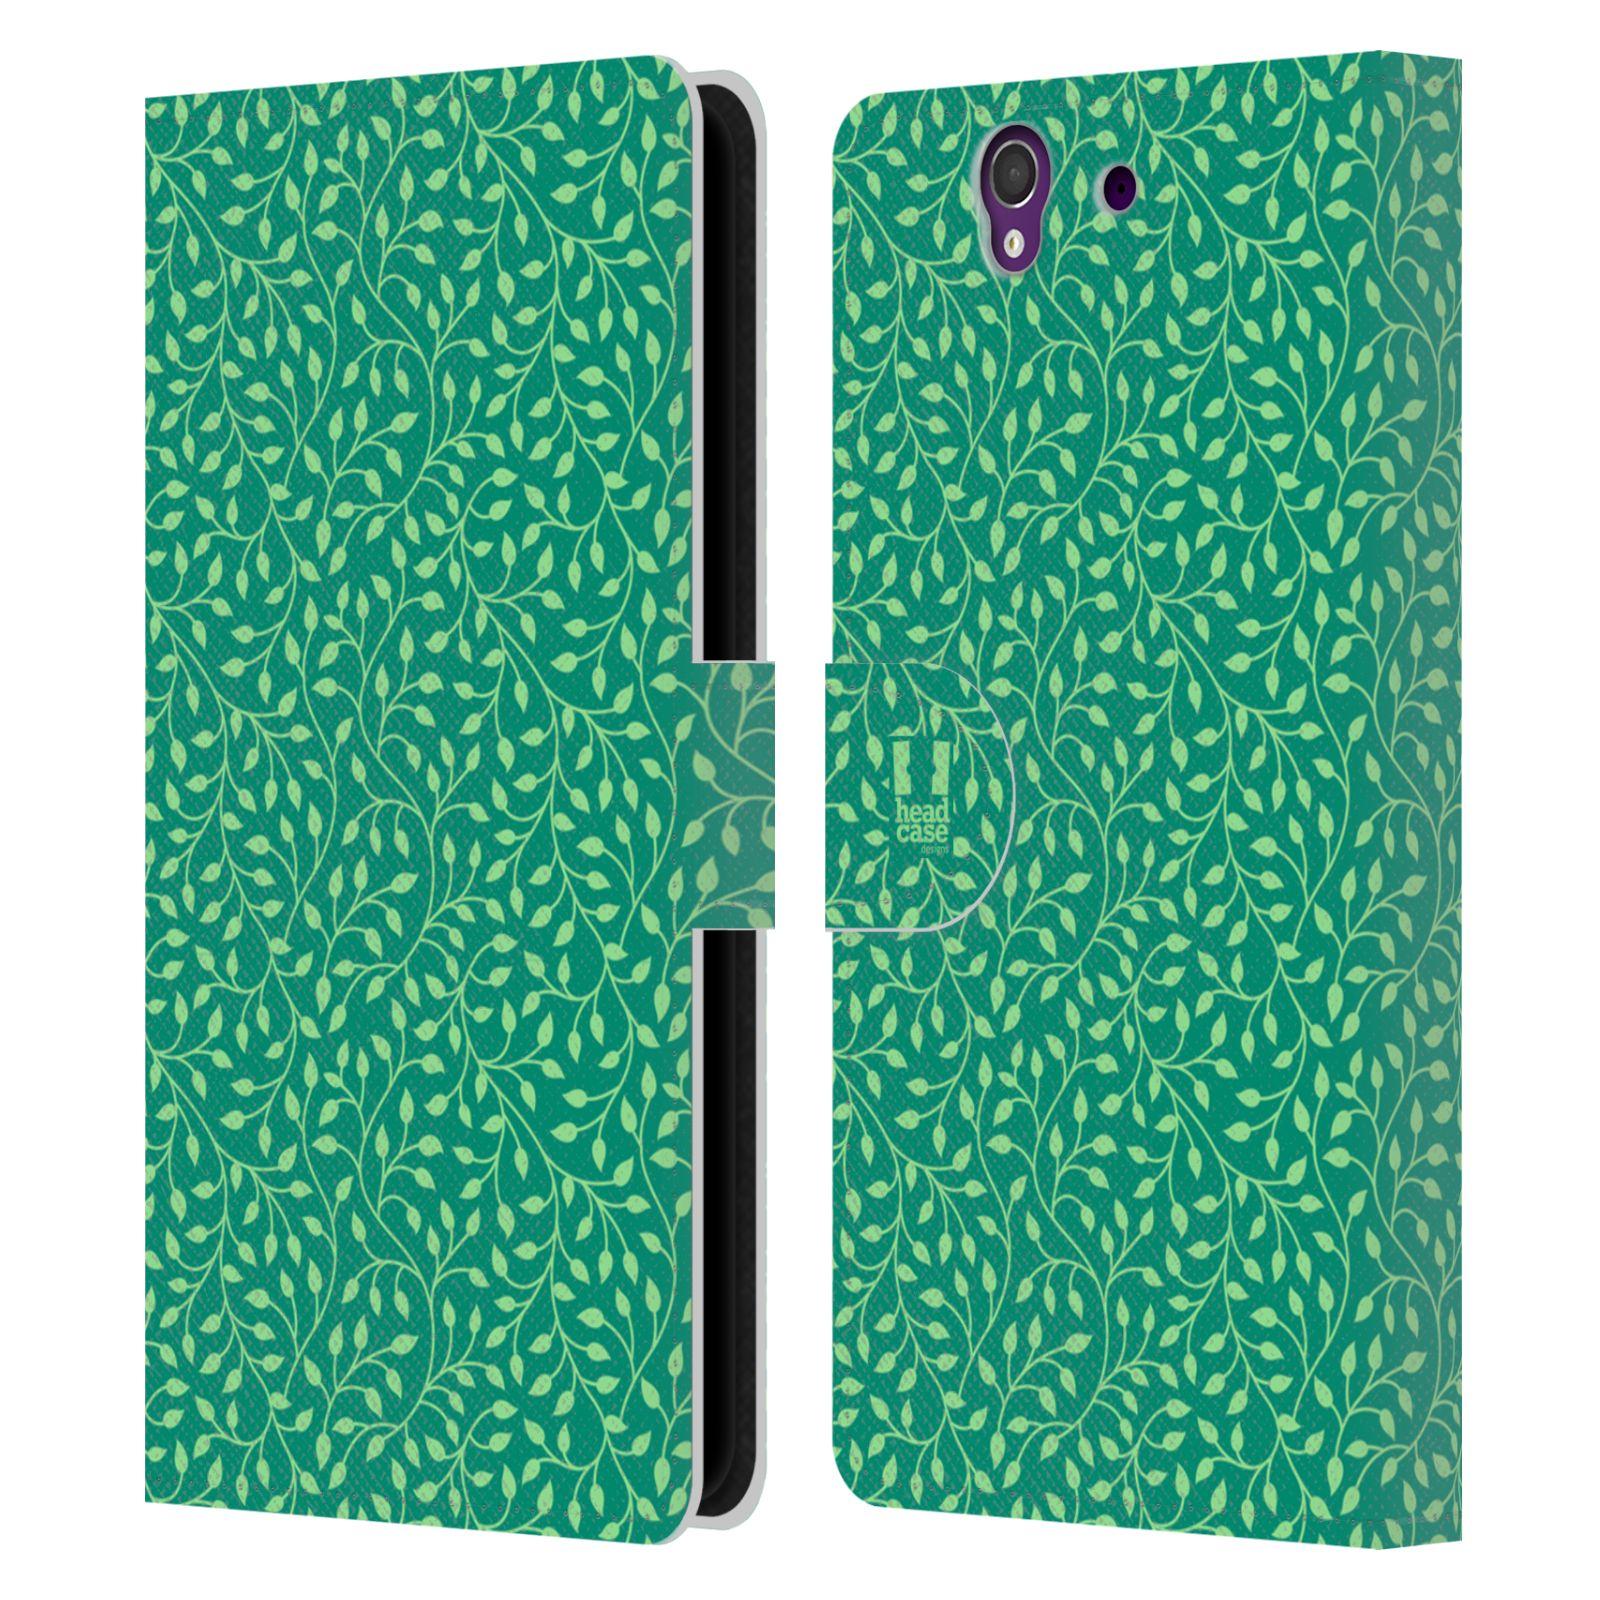 HEAD CASE Flipové pouzdro pro mobil SONY XPERIA Z (C6603) vzory listy zelená mentol